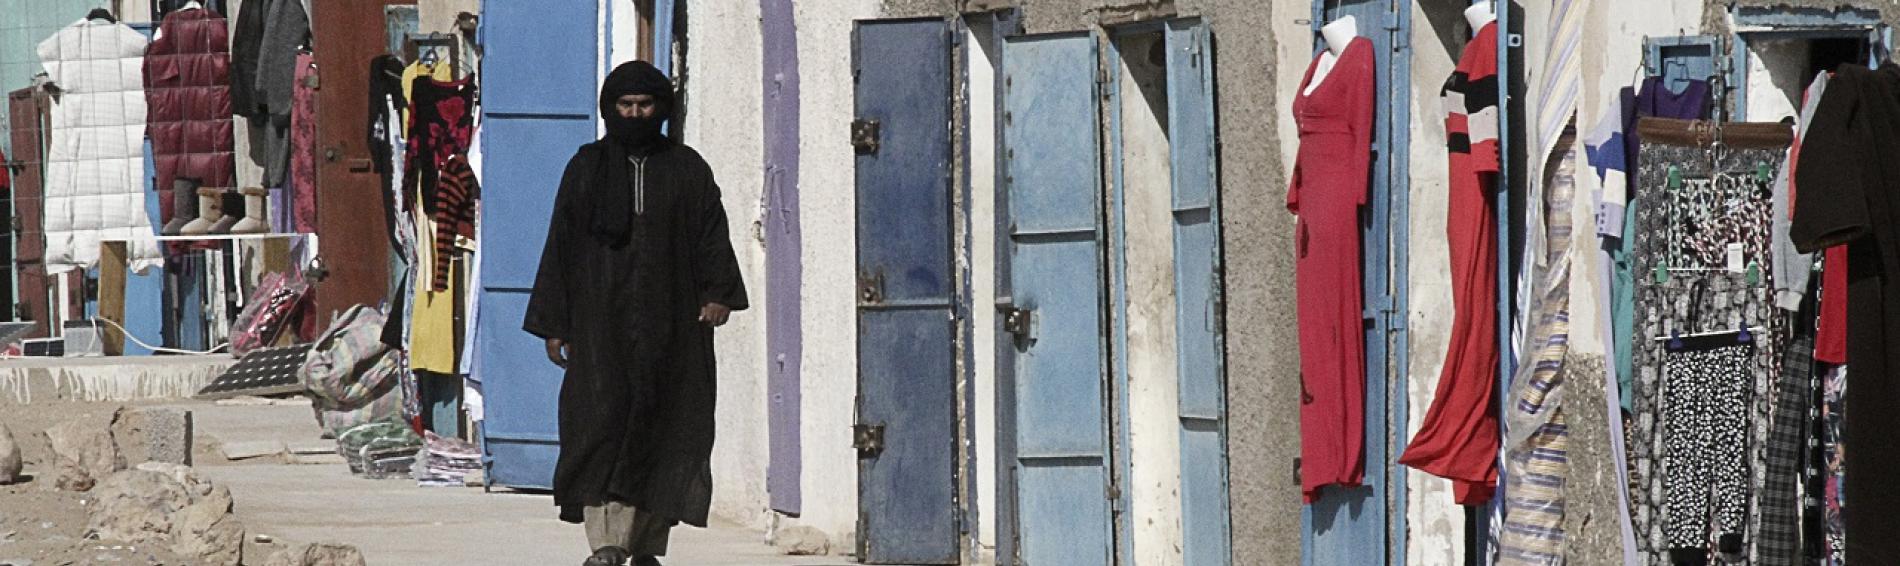 refugiado saharaui en los campos